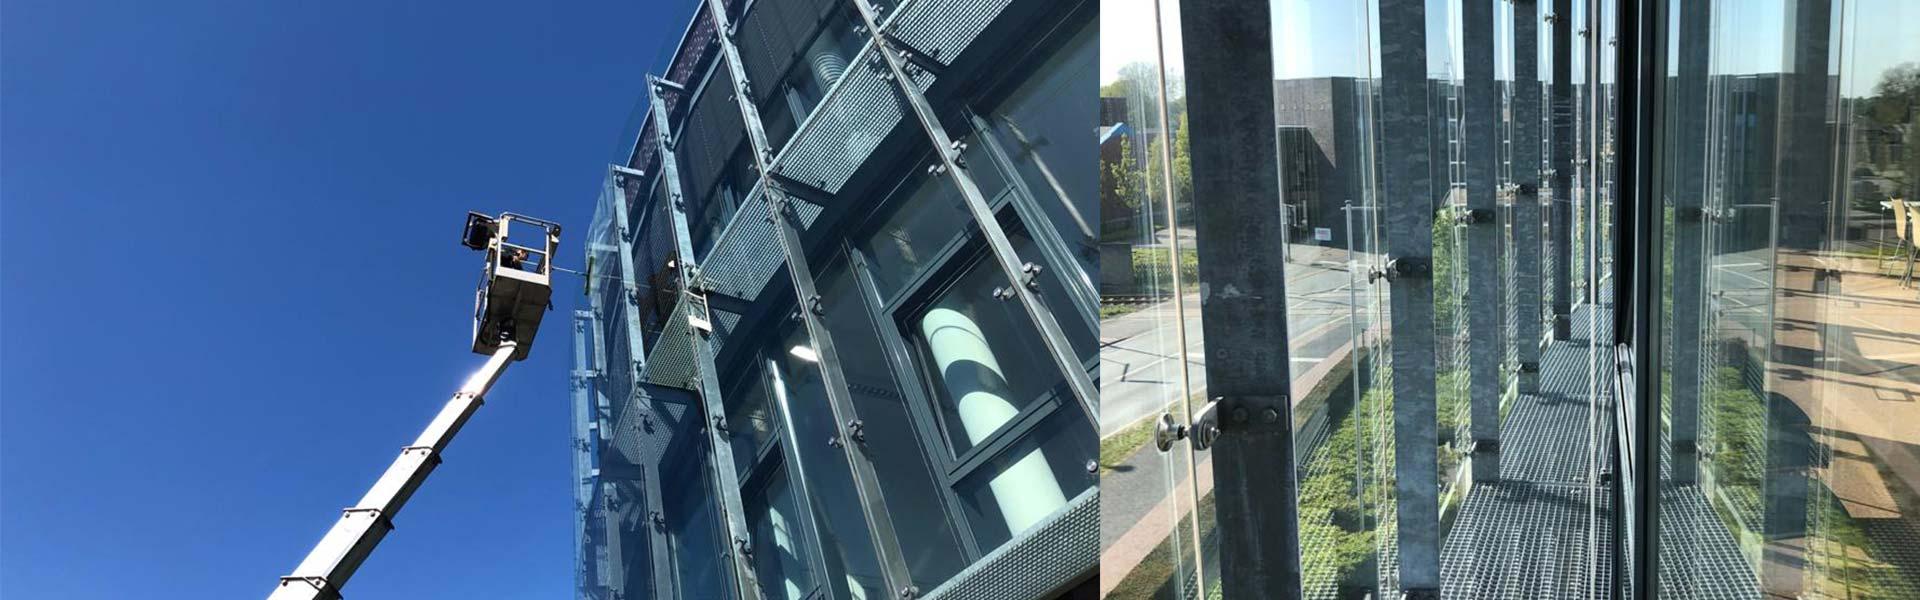 Reinigung Glasfassade Düsseldorf